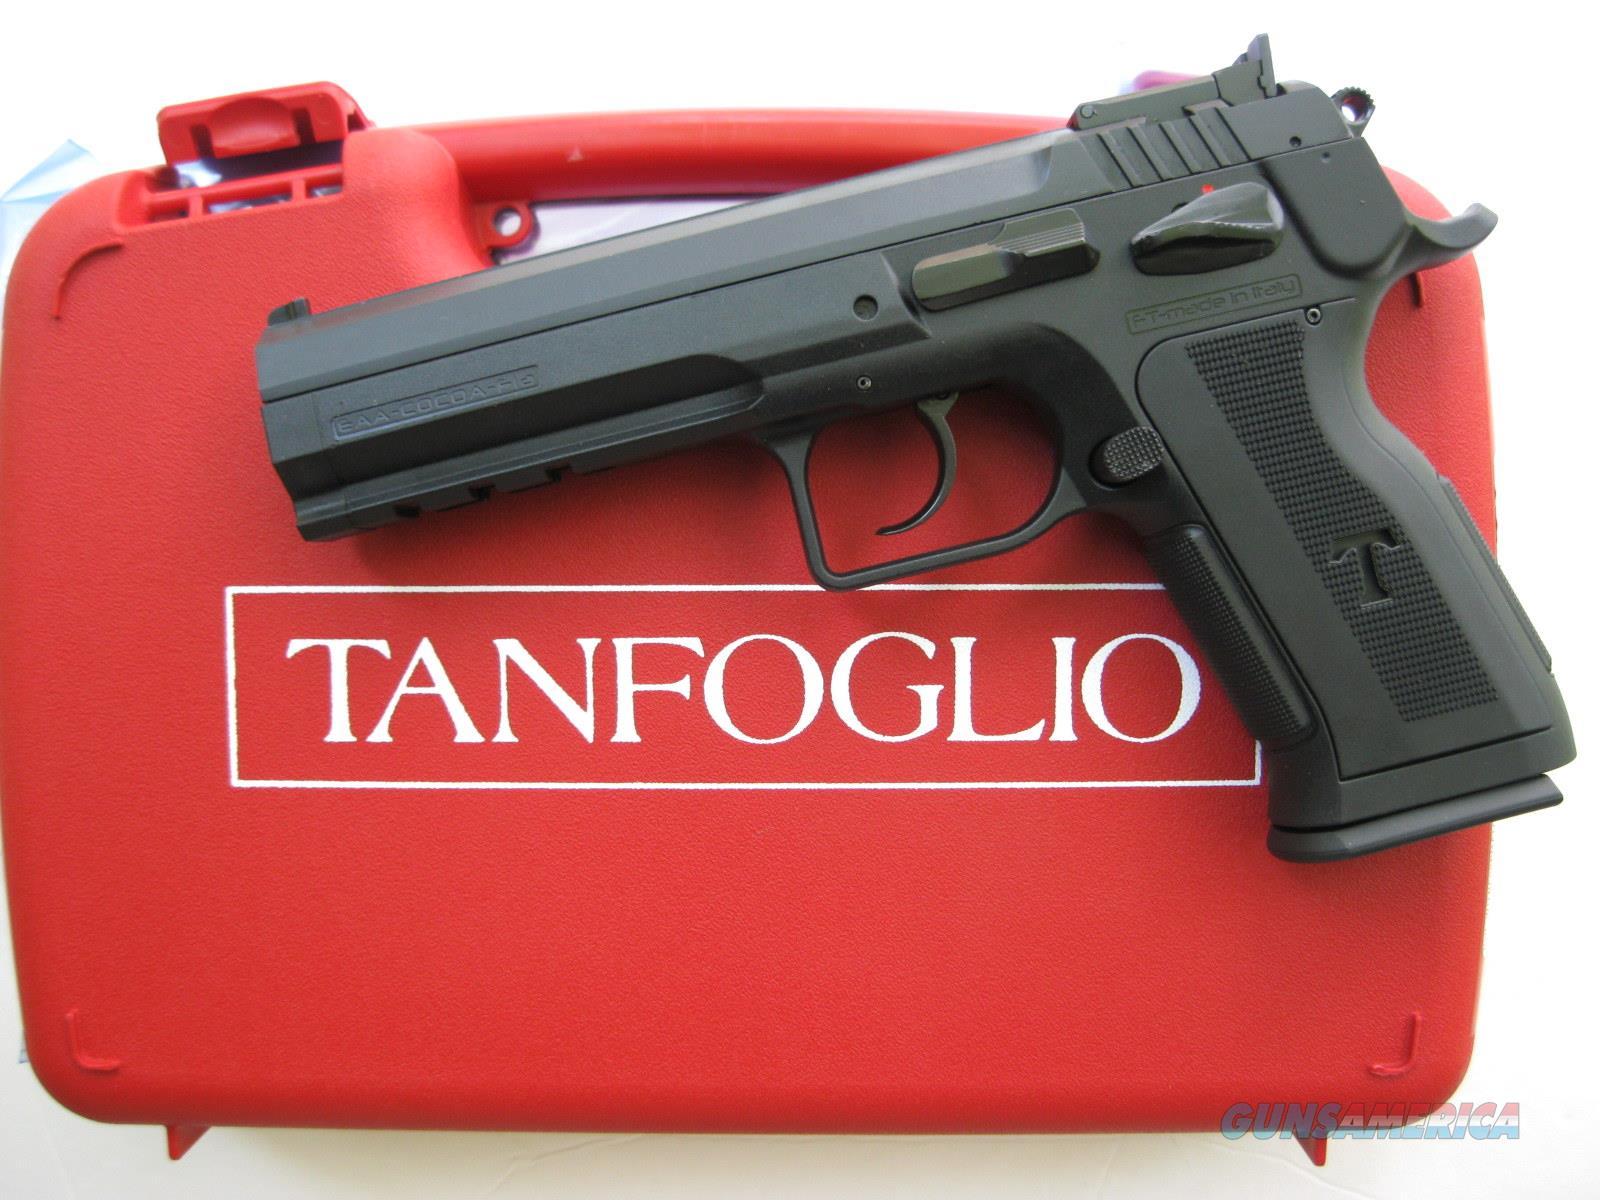 EAA Tanfoglio P-Match Pro 9mm 600663 *NEW*   Guns > Pistols > EAA Pistols > Other